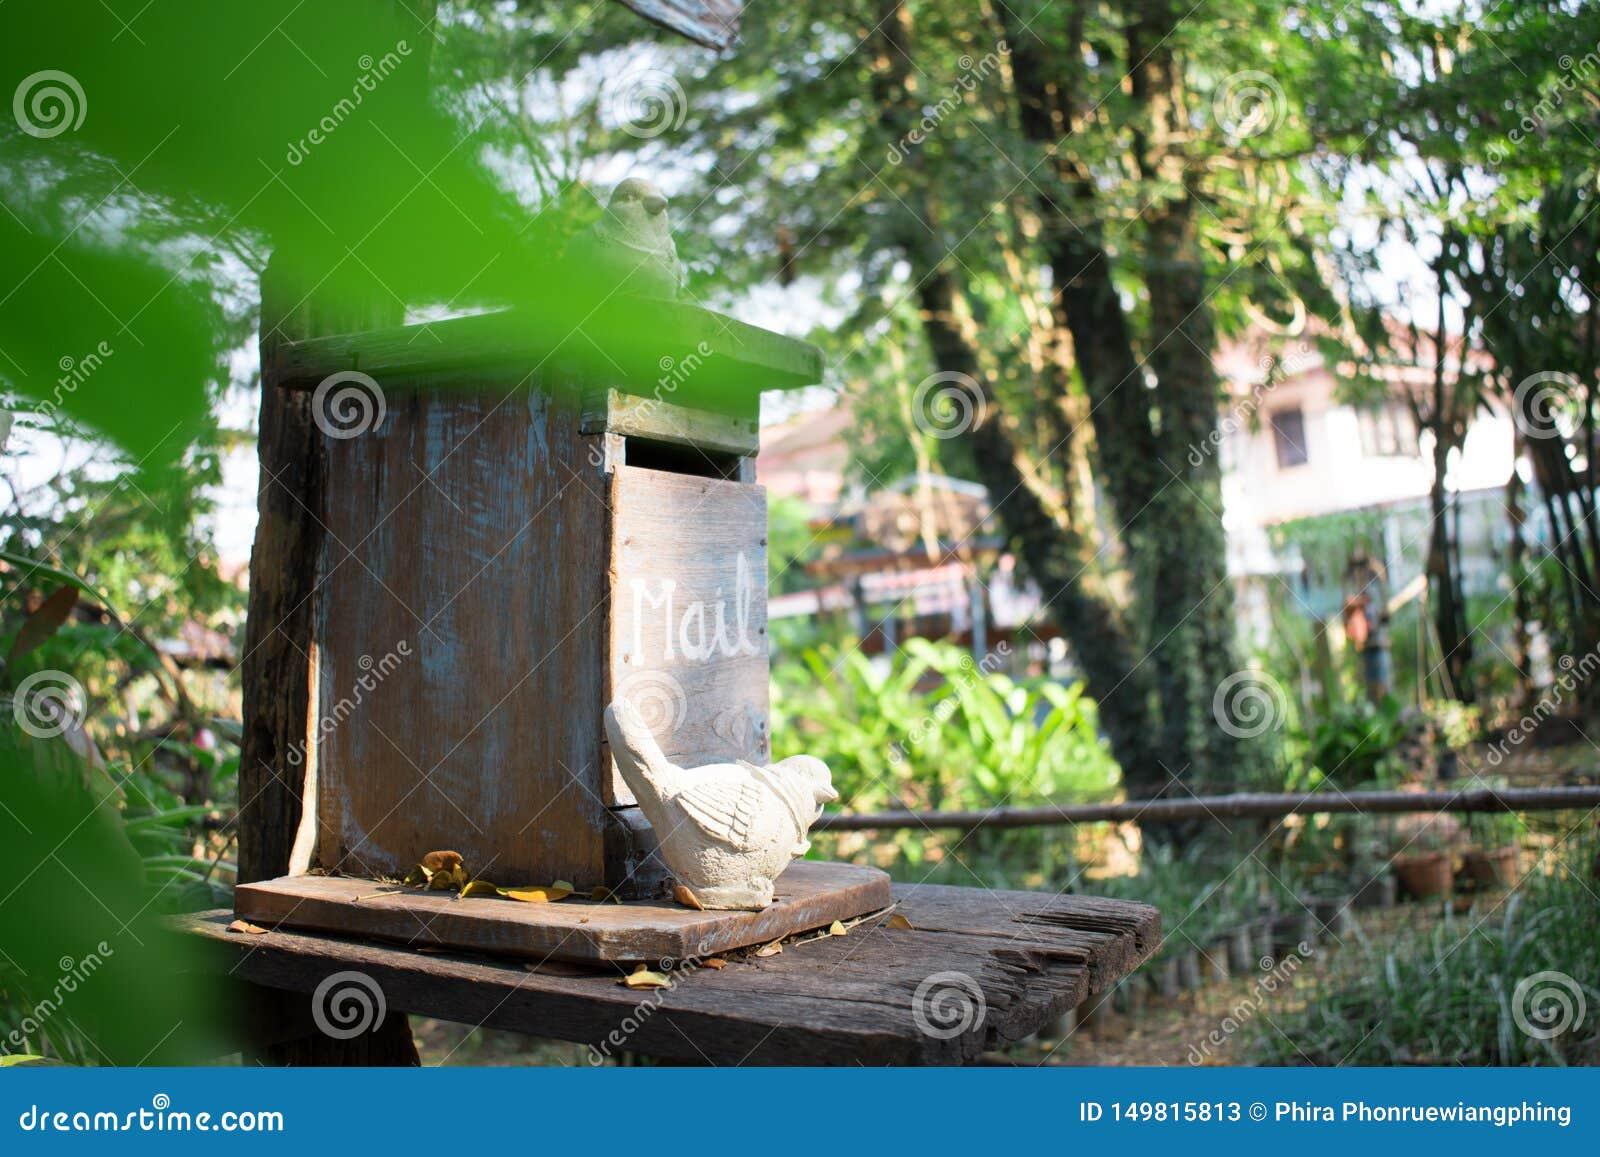 Många gamla gummihjul i lagret, stänger sig upp